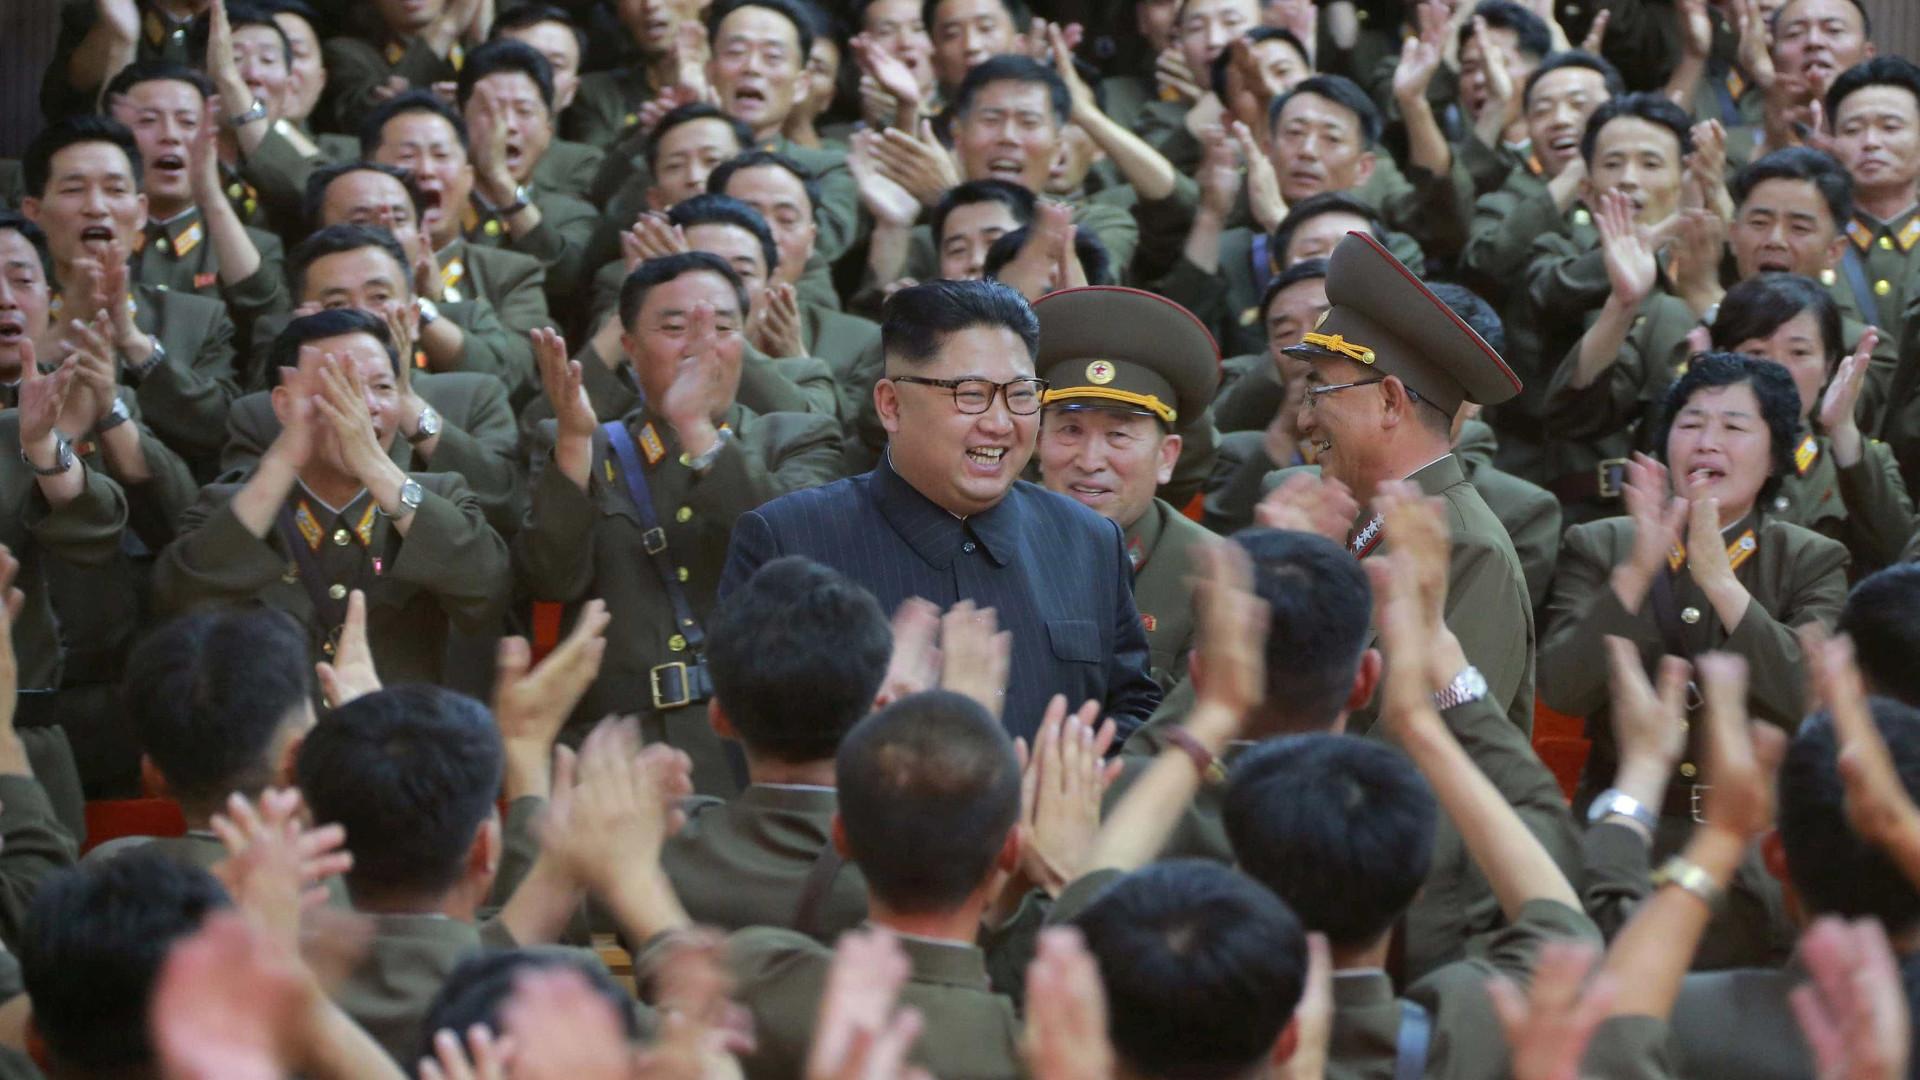 Coreia do Norte nunca entregará armas nucleares, diz diplomata